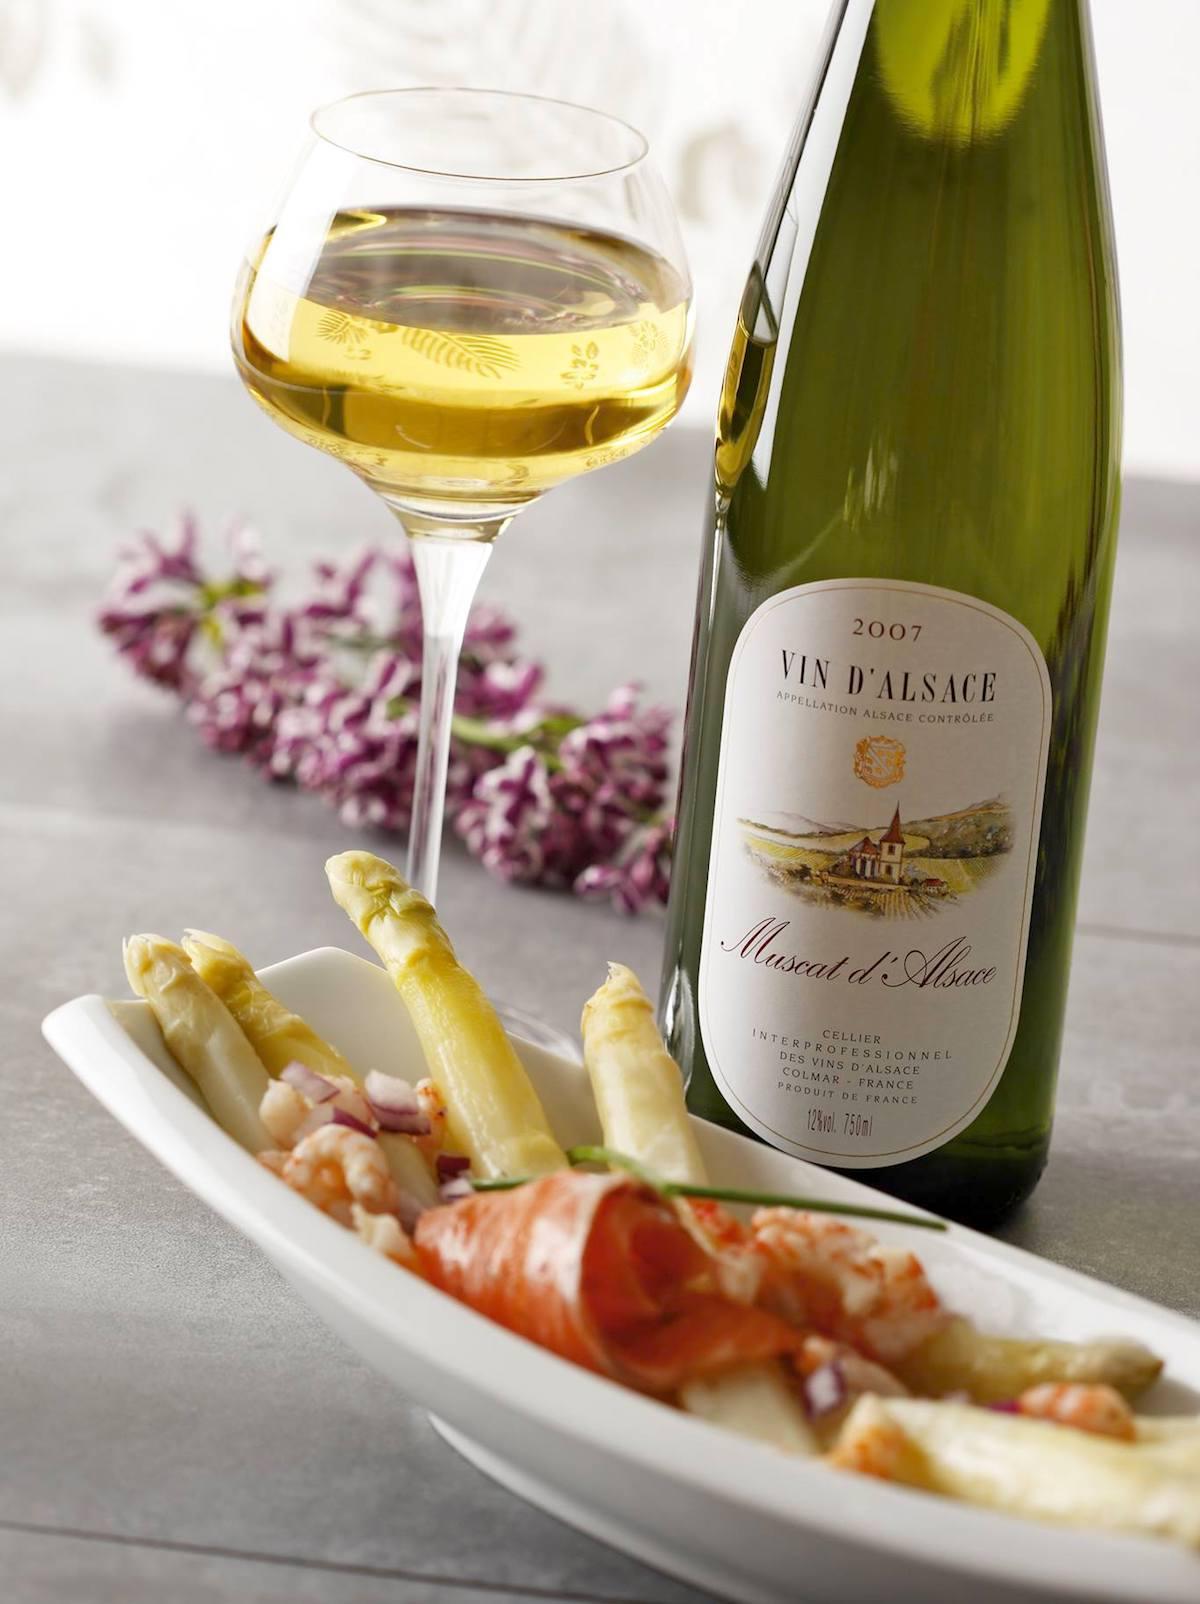 Comment choisir un vin d'Alsace, tout sur les vins d'Alsace